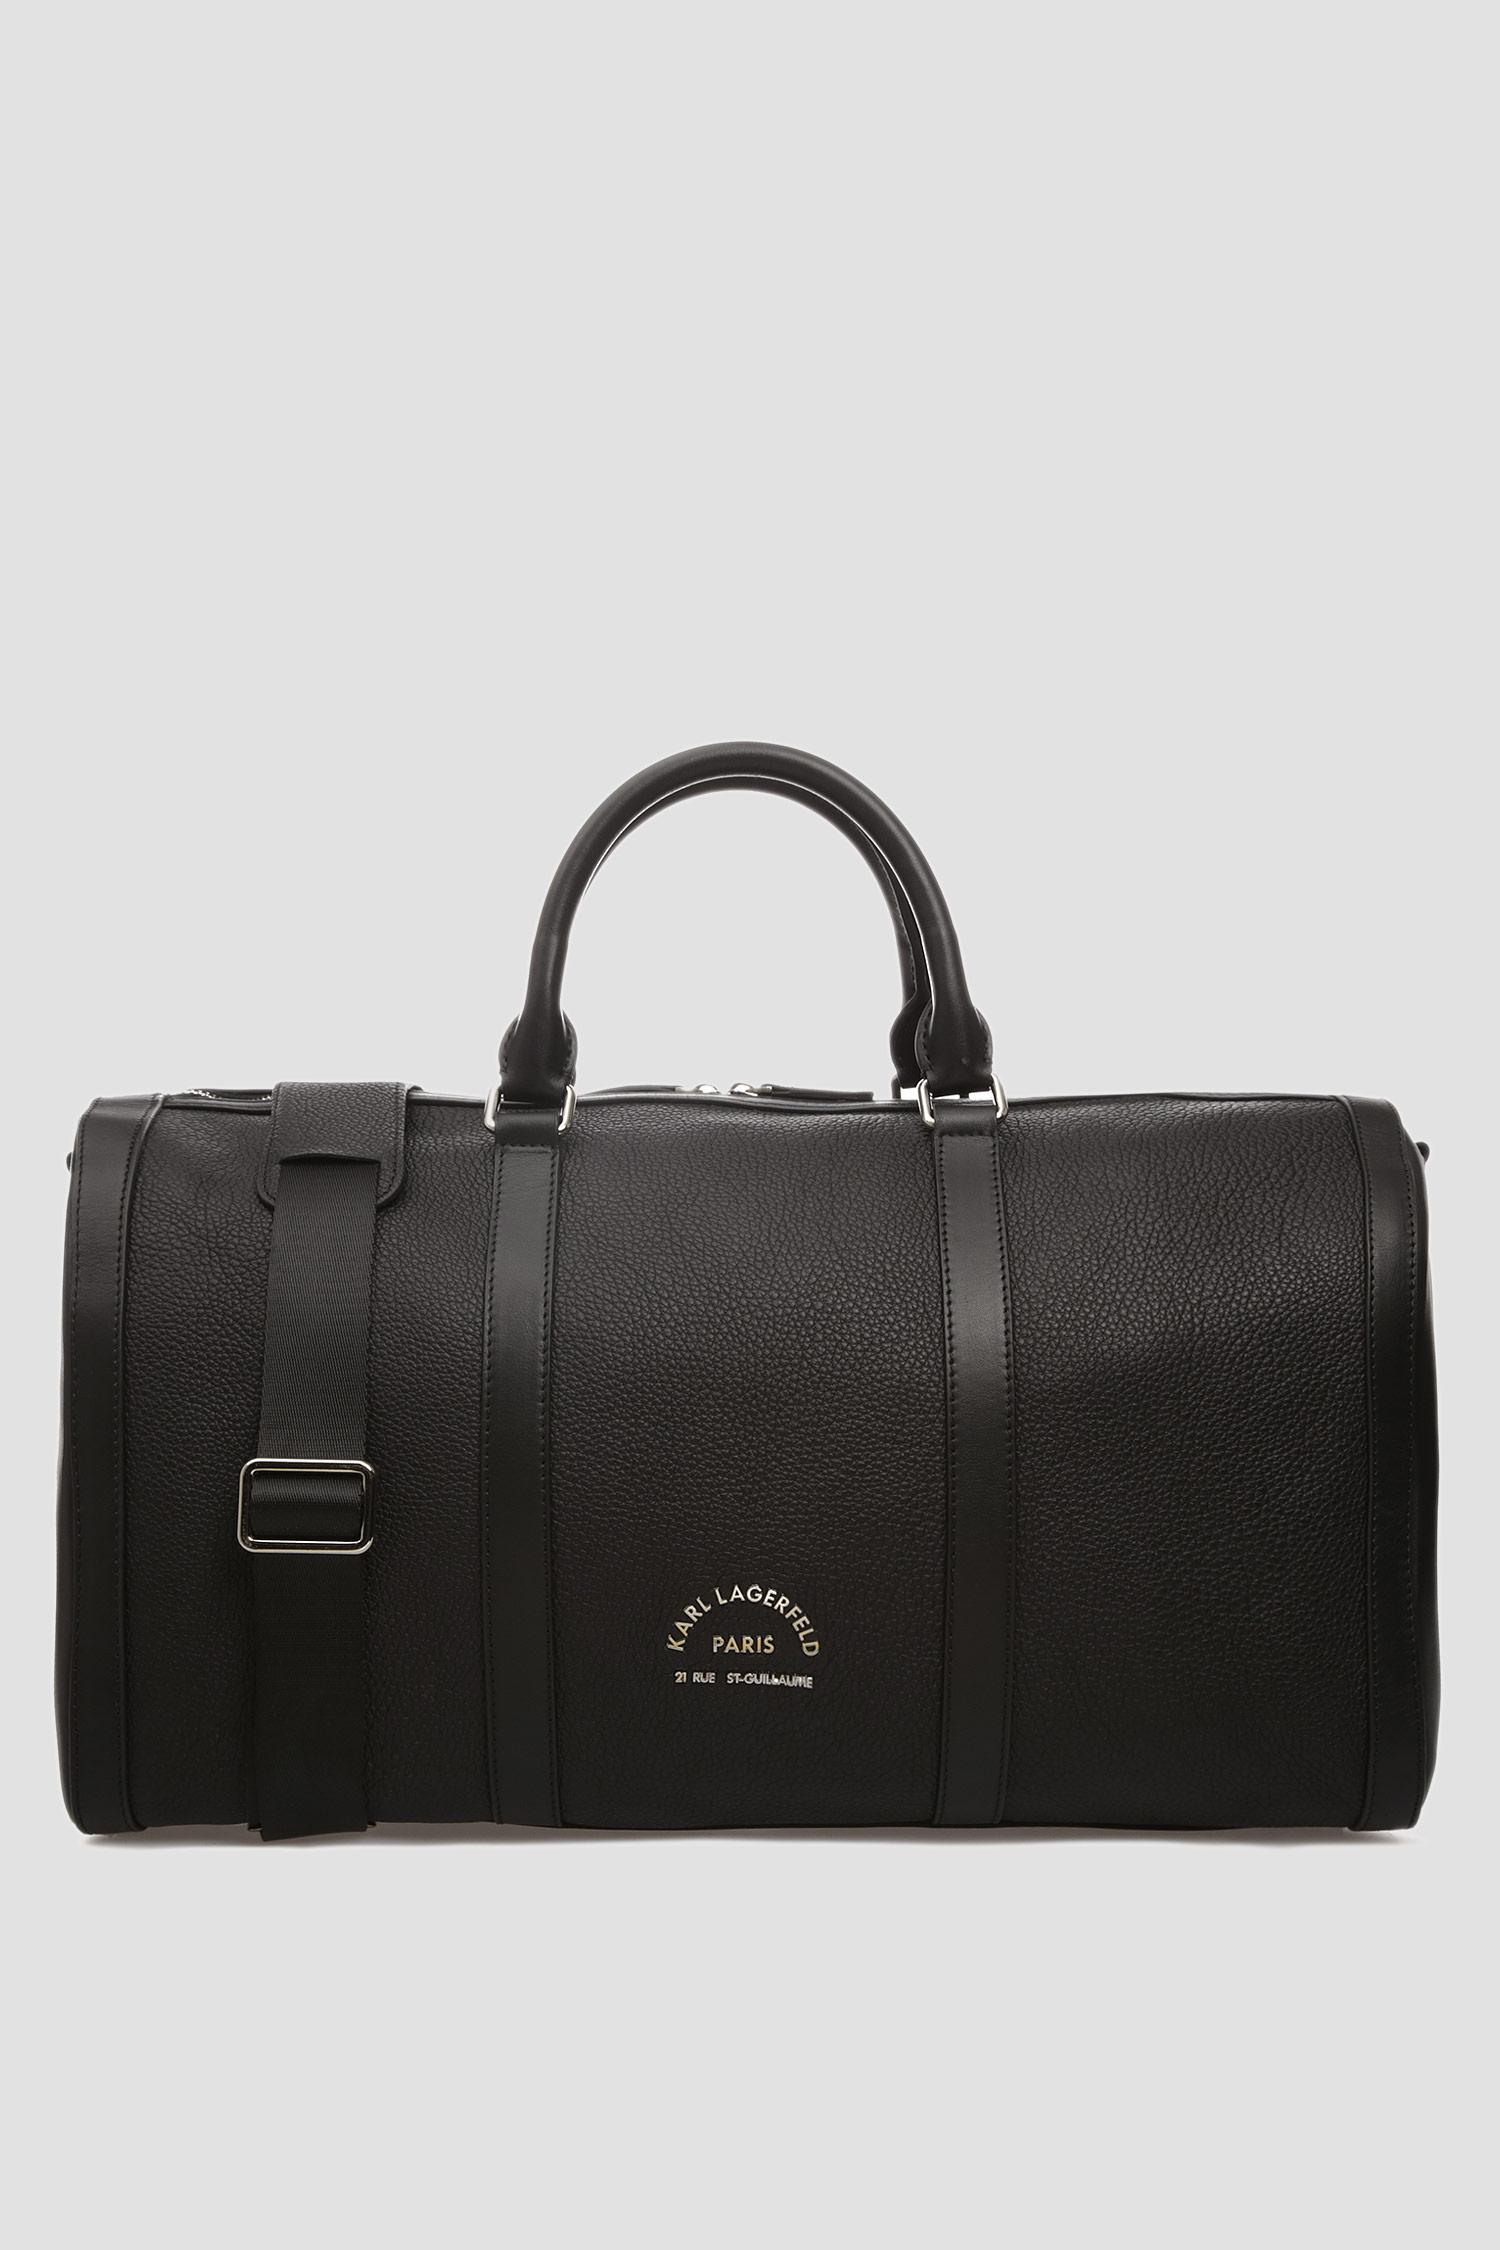 Чоловіча чорна шкіряна дорожня сумка Karl Lagerfeld 592451.815900;990